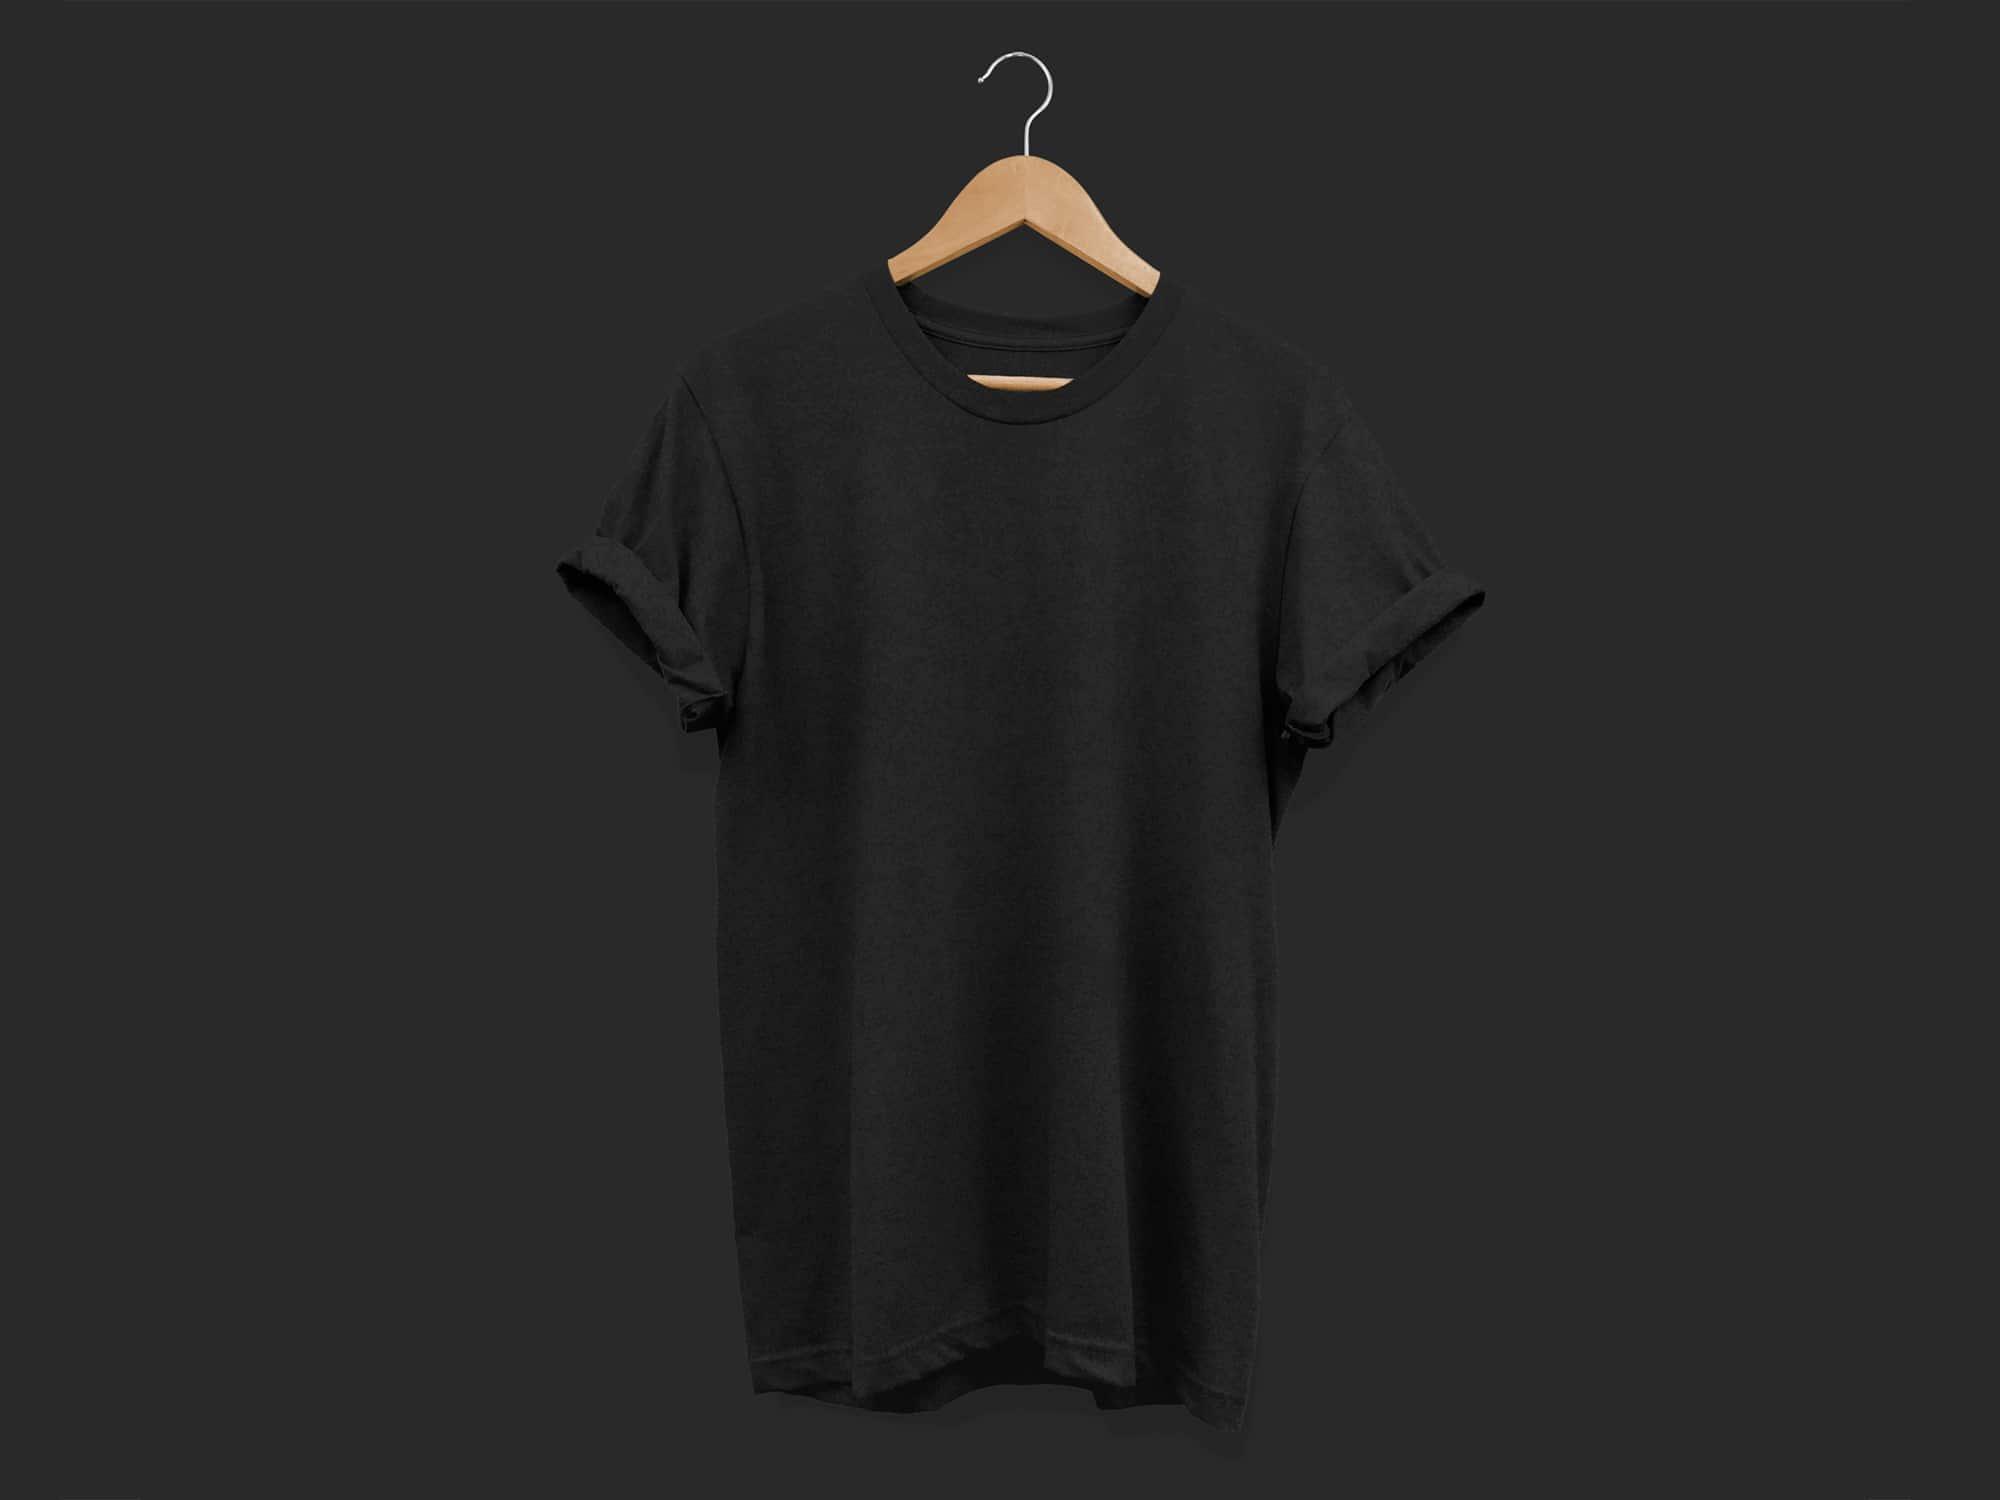 2express magliette personalizzate maglietta personalizzata felpe personalizzate